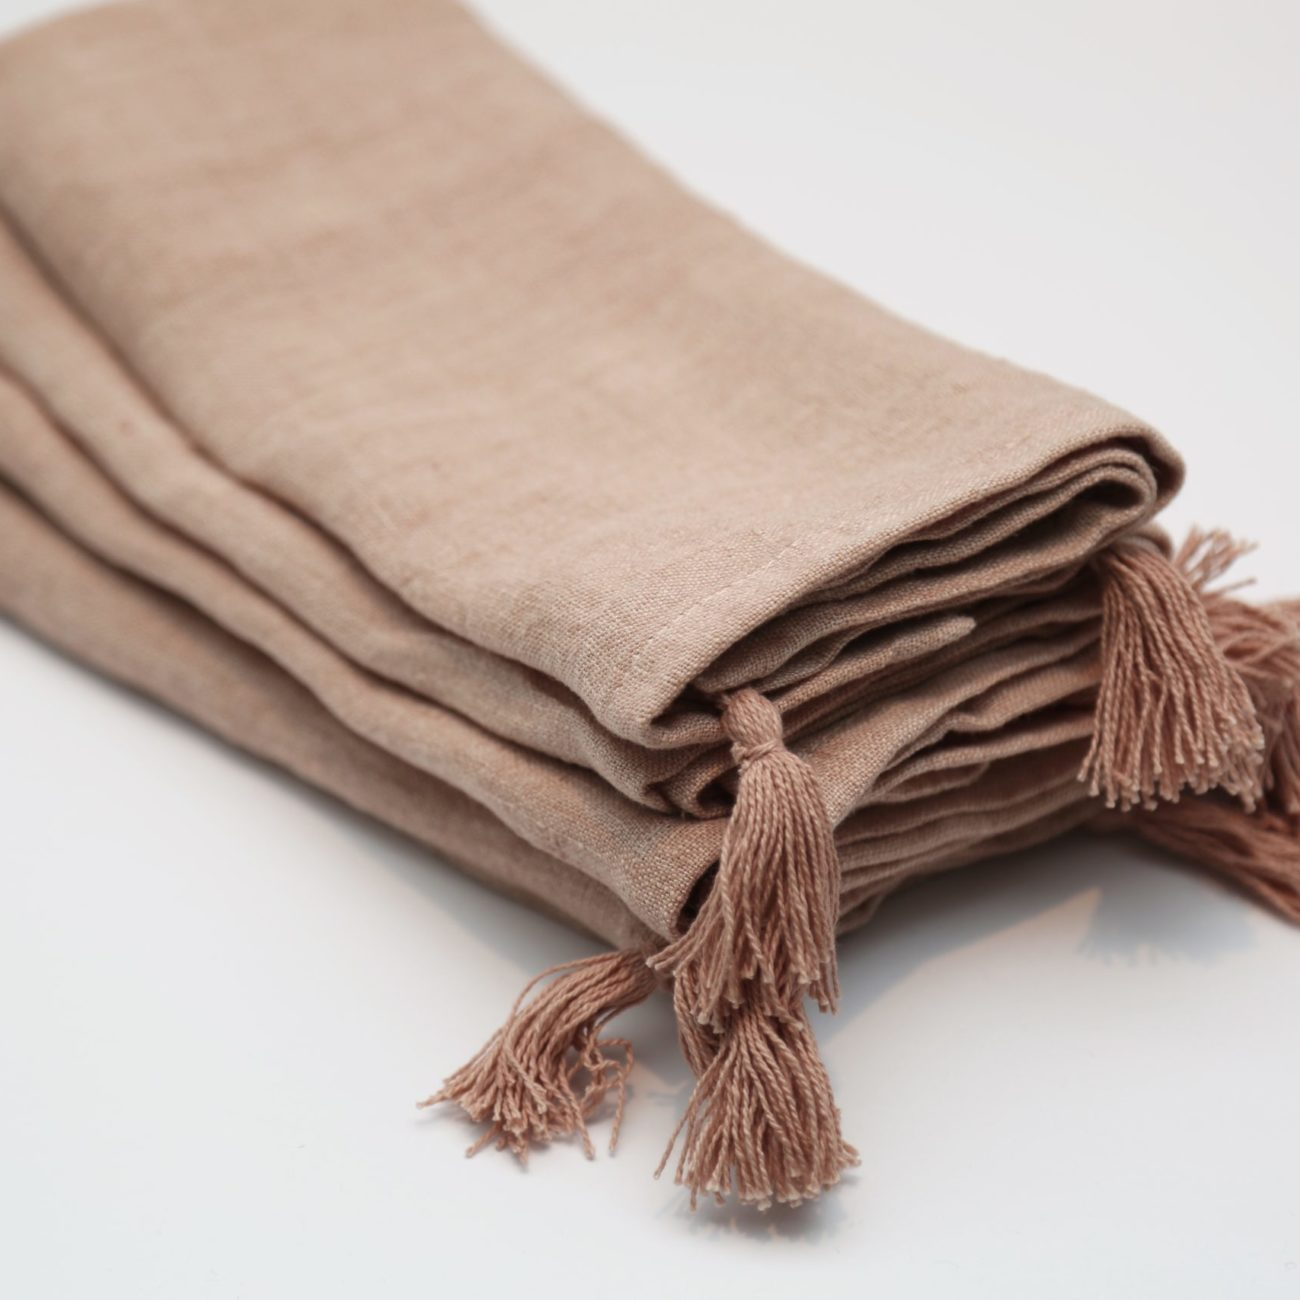 Stone Washed Linen Tasseled Napkins, Blush (Set of 4)